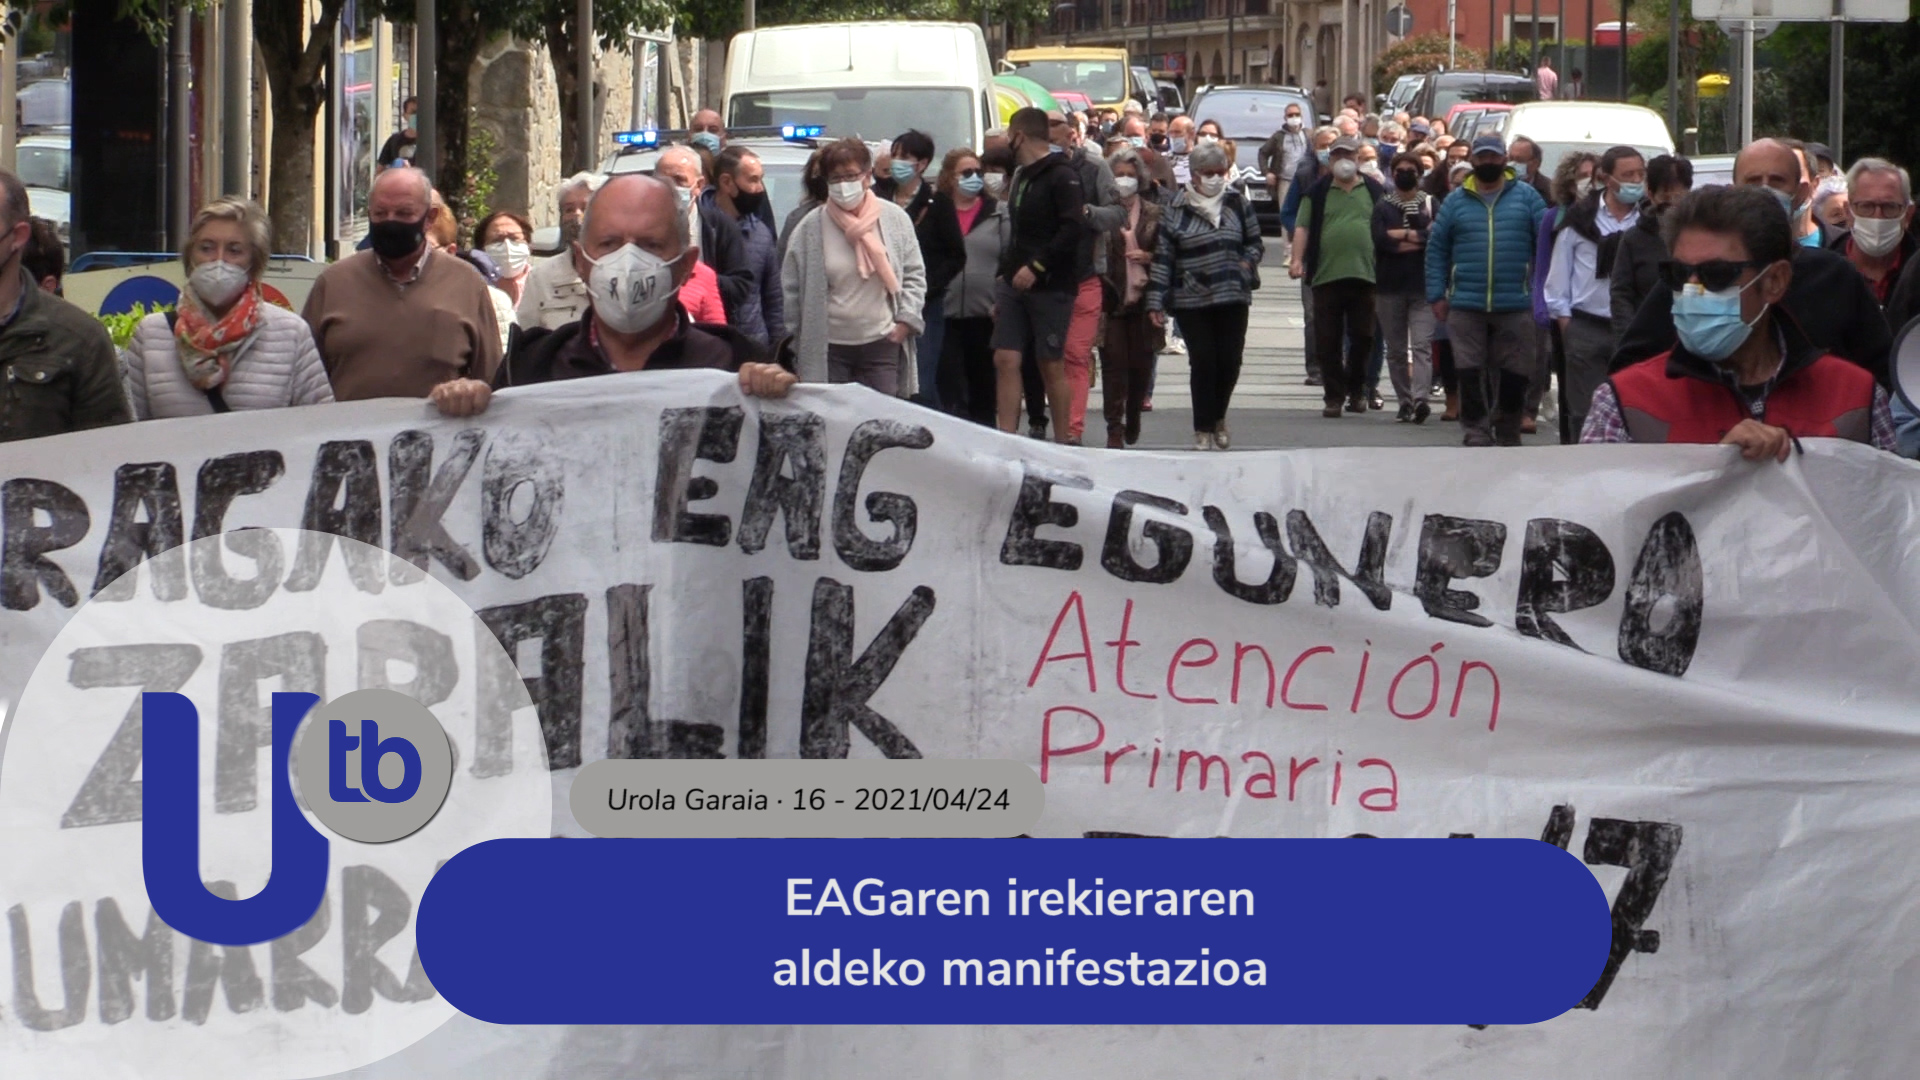 EAGaren irekieraren aldeko manifestazioa / Manifestación para la reapertura del PAC